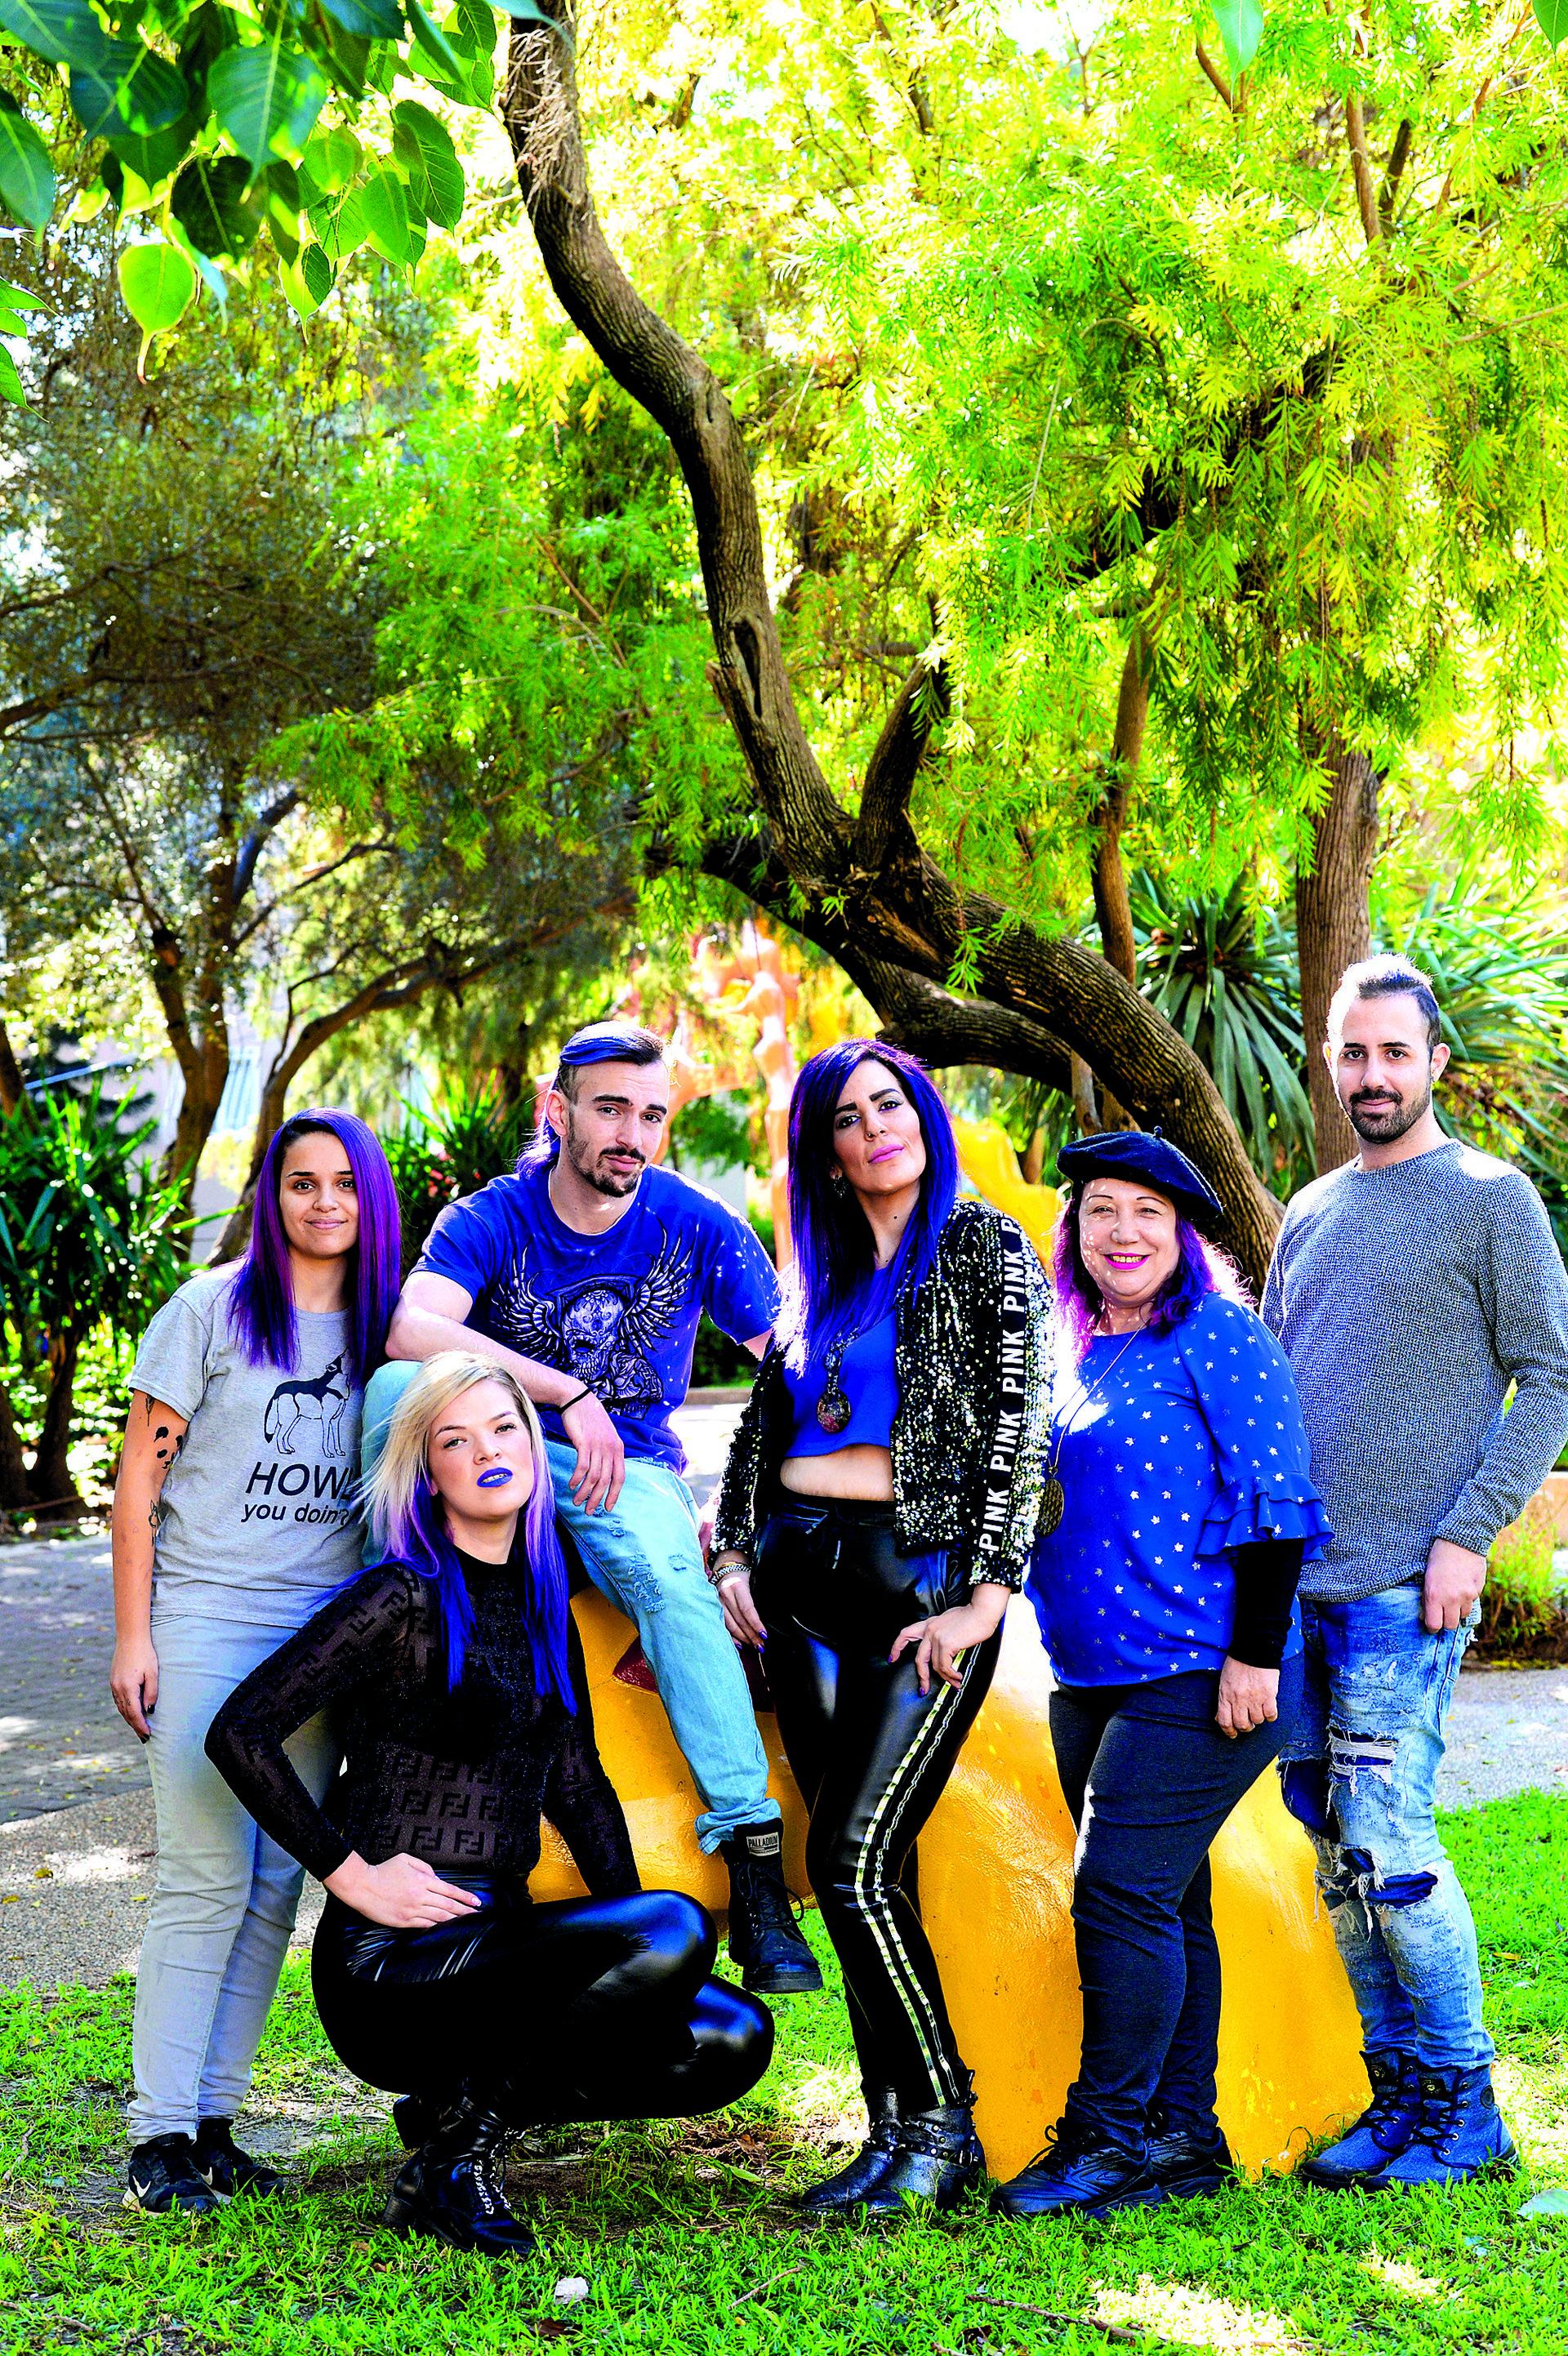 מועדון הסגולים: דניאלי, זק־נבו, אנקר, גולד, יוליה, ענבר עוזרי | צילום: קובי קואנקס